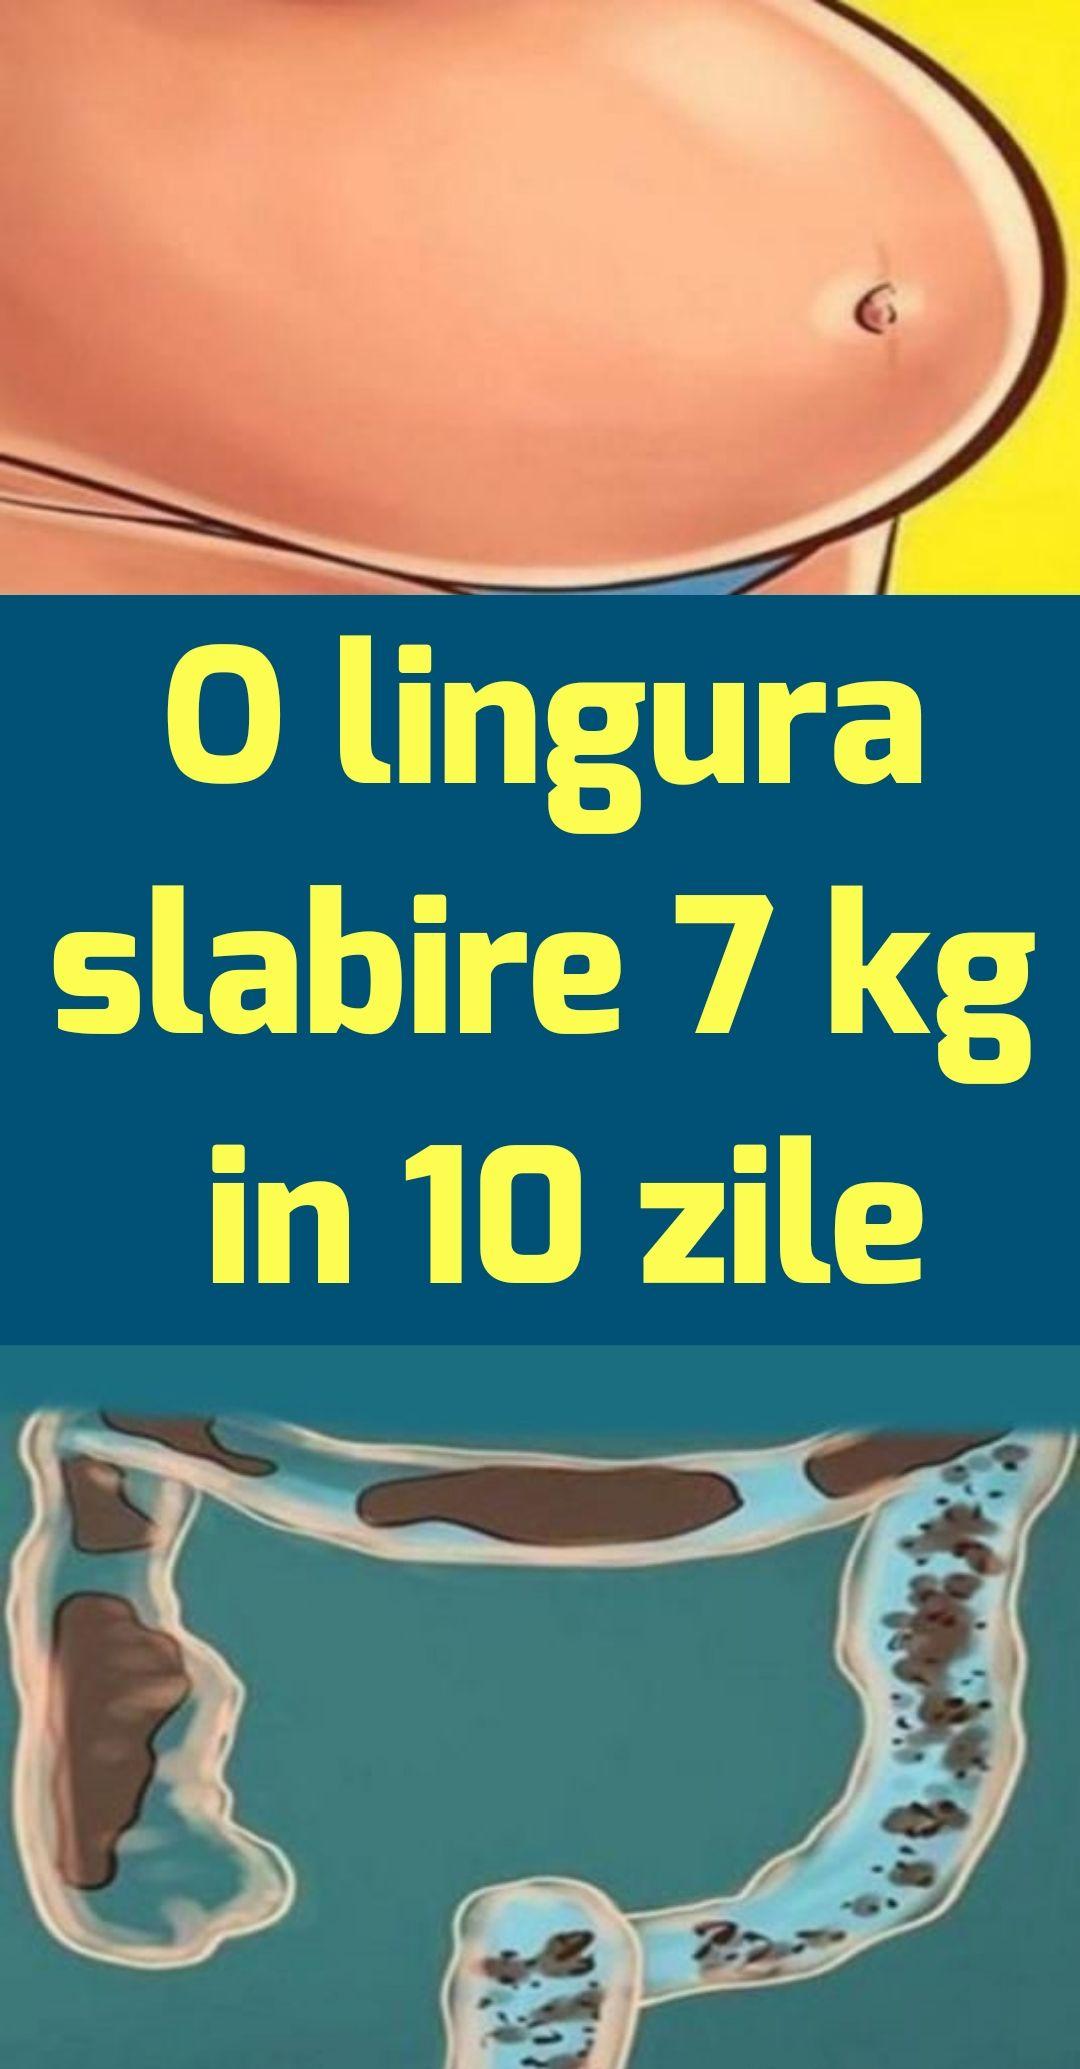 nicio pierdere în greutate